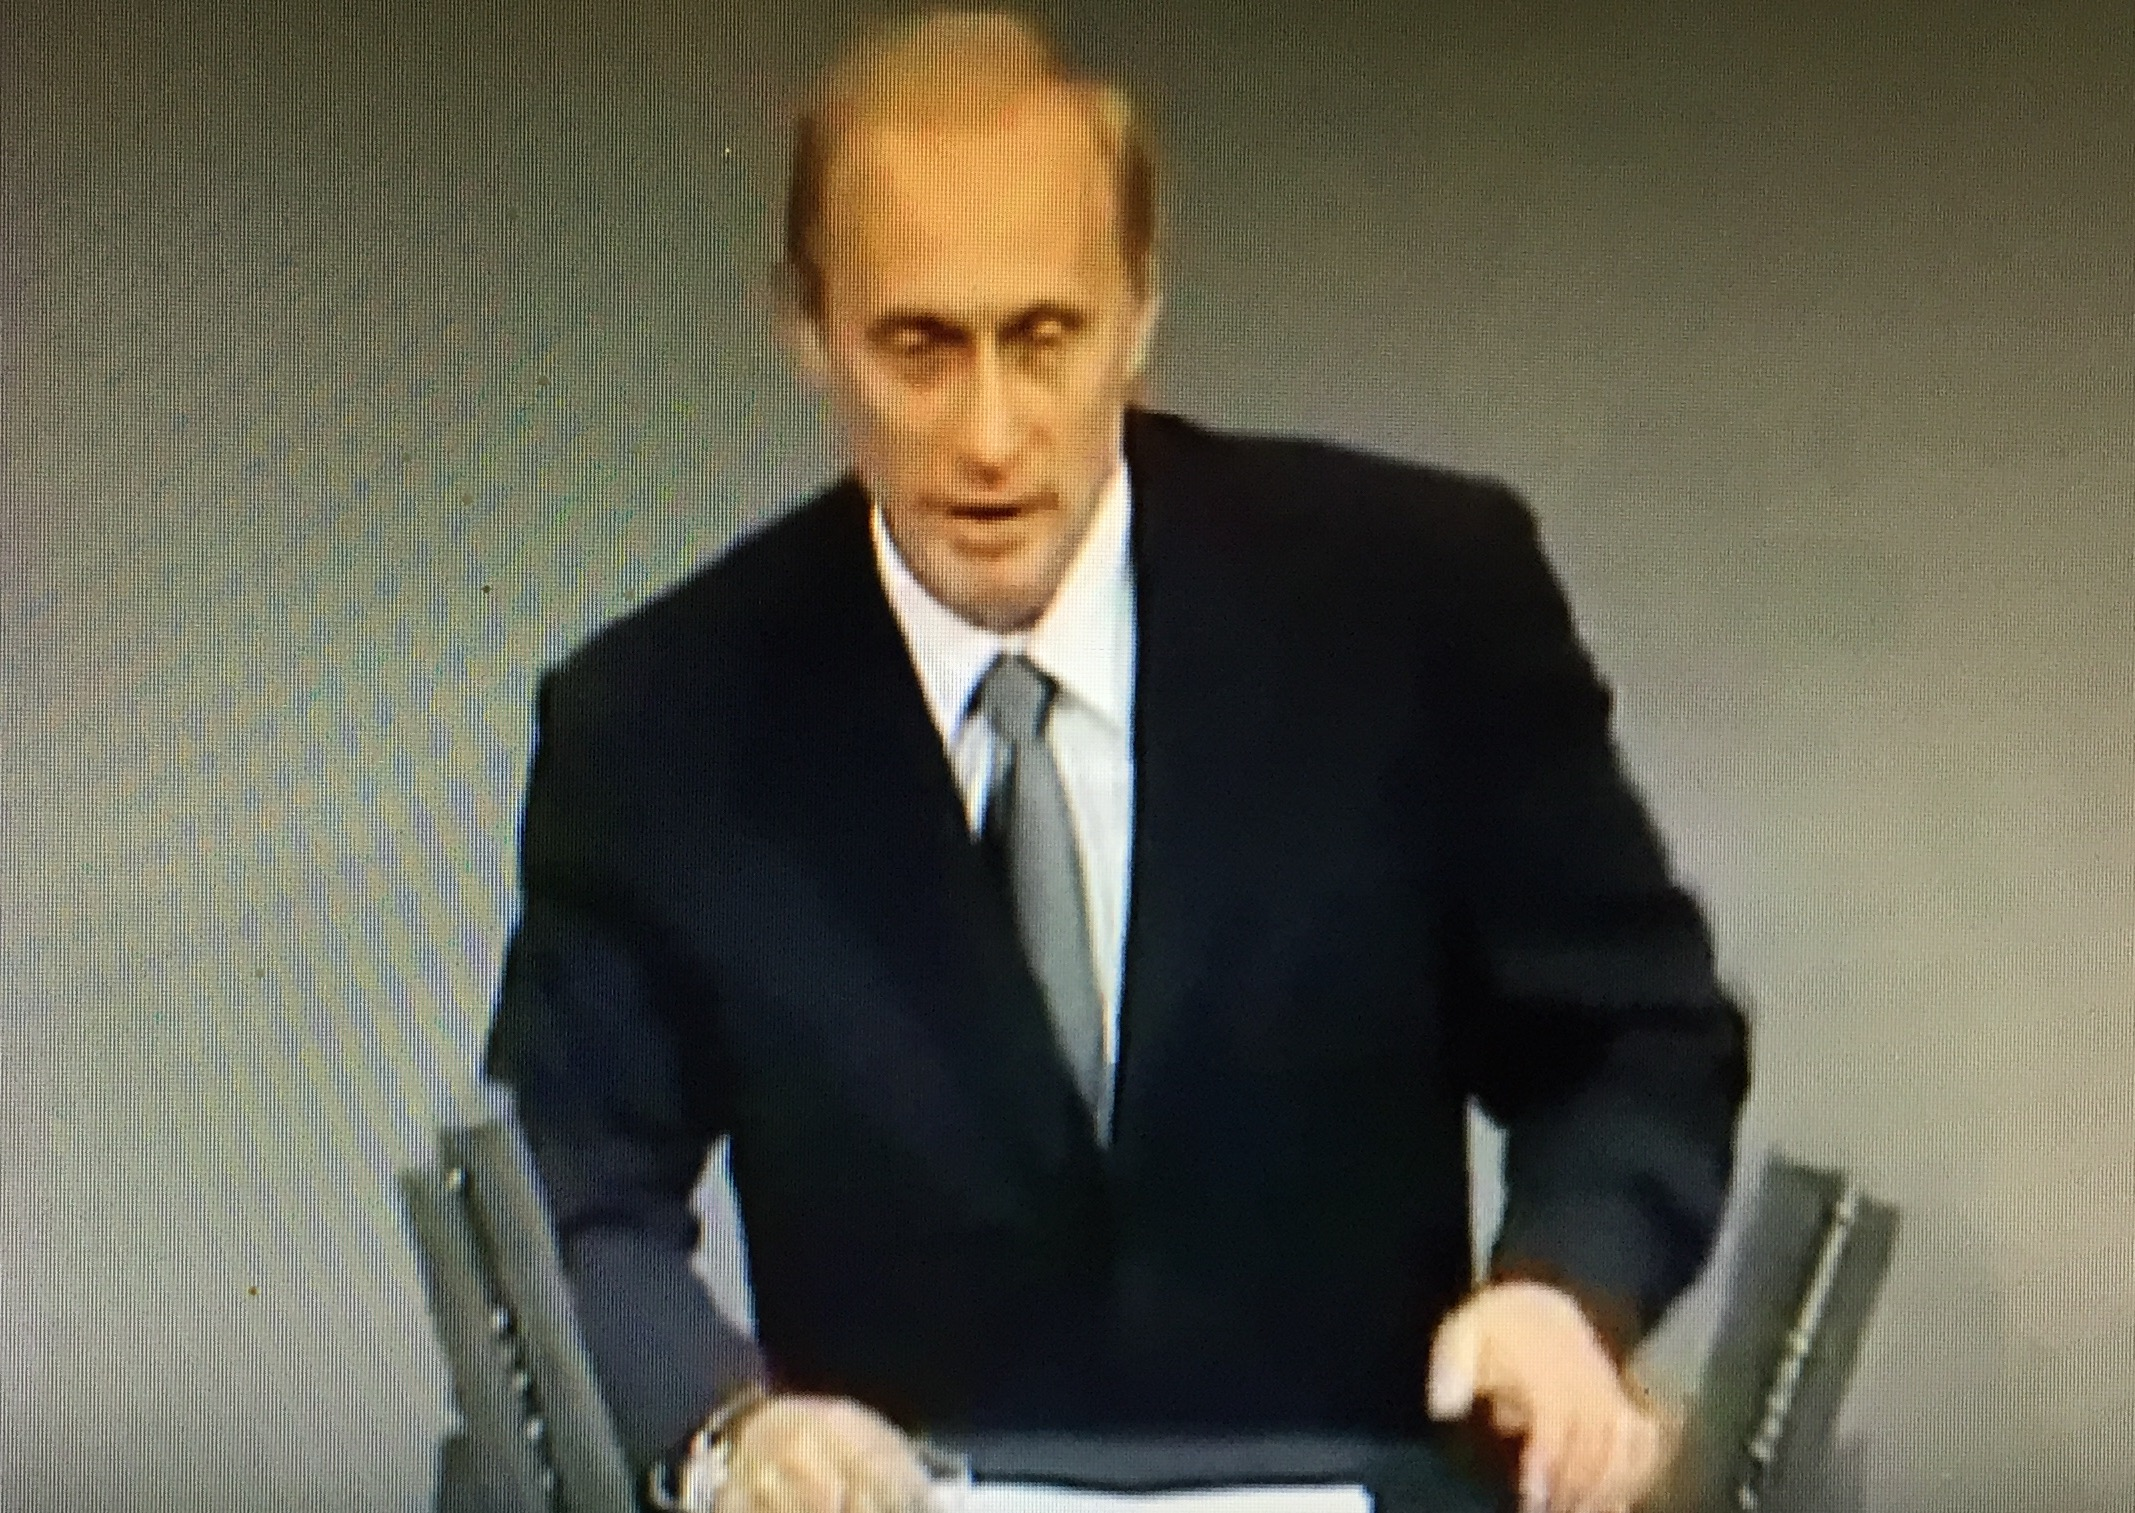 """Der russische Präsident Wladimir Putin bei seiner Rede vor dem Deutschen Bundestag 2001: """"Unter alle Problemen, die wir zu bewältigen haben, schlägt das starke und lebendige Herz Russlands, welches für vollständige Partnerschaft geöffnet ist."""""""